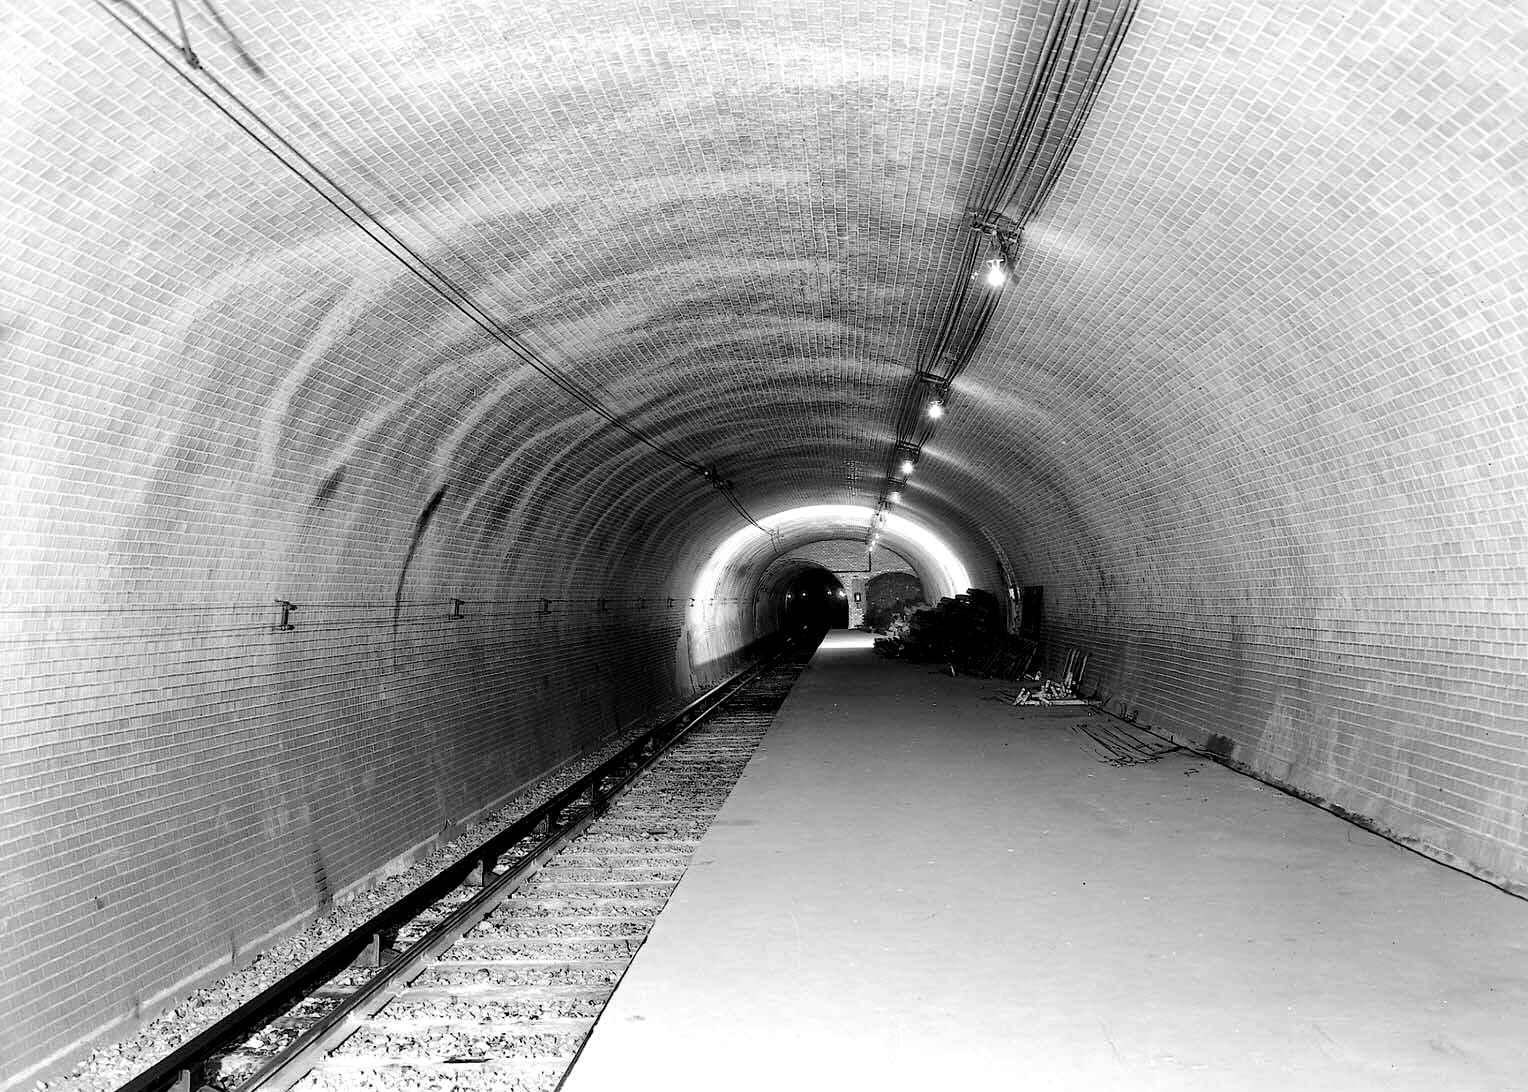 Staţia de metrou Haxo, construită în 1910, nici aici nu a călcat picior de călător. La fel, nu permite acces din exterior. Nu dispune decât de o singură linie. Courtesy of RATP.